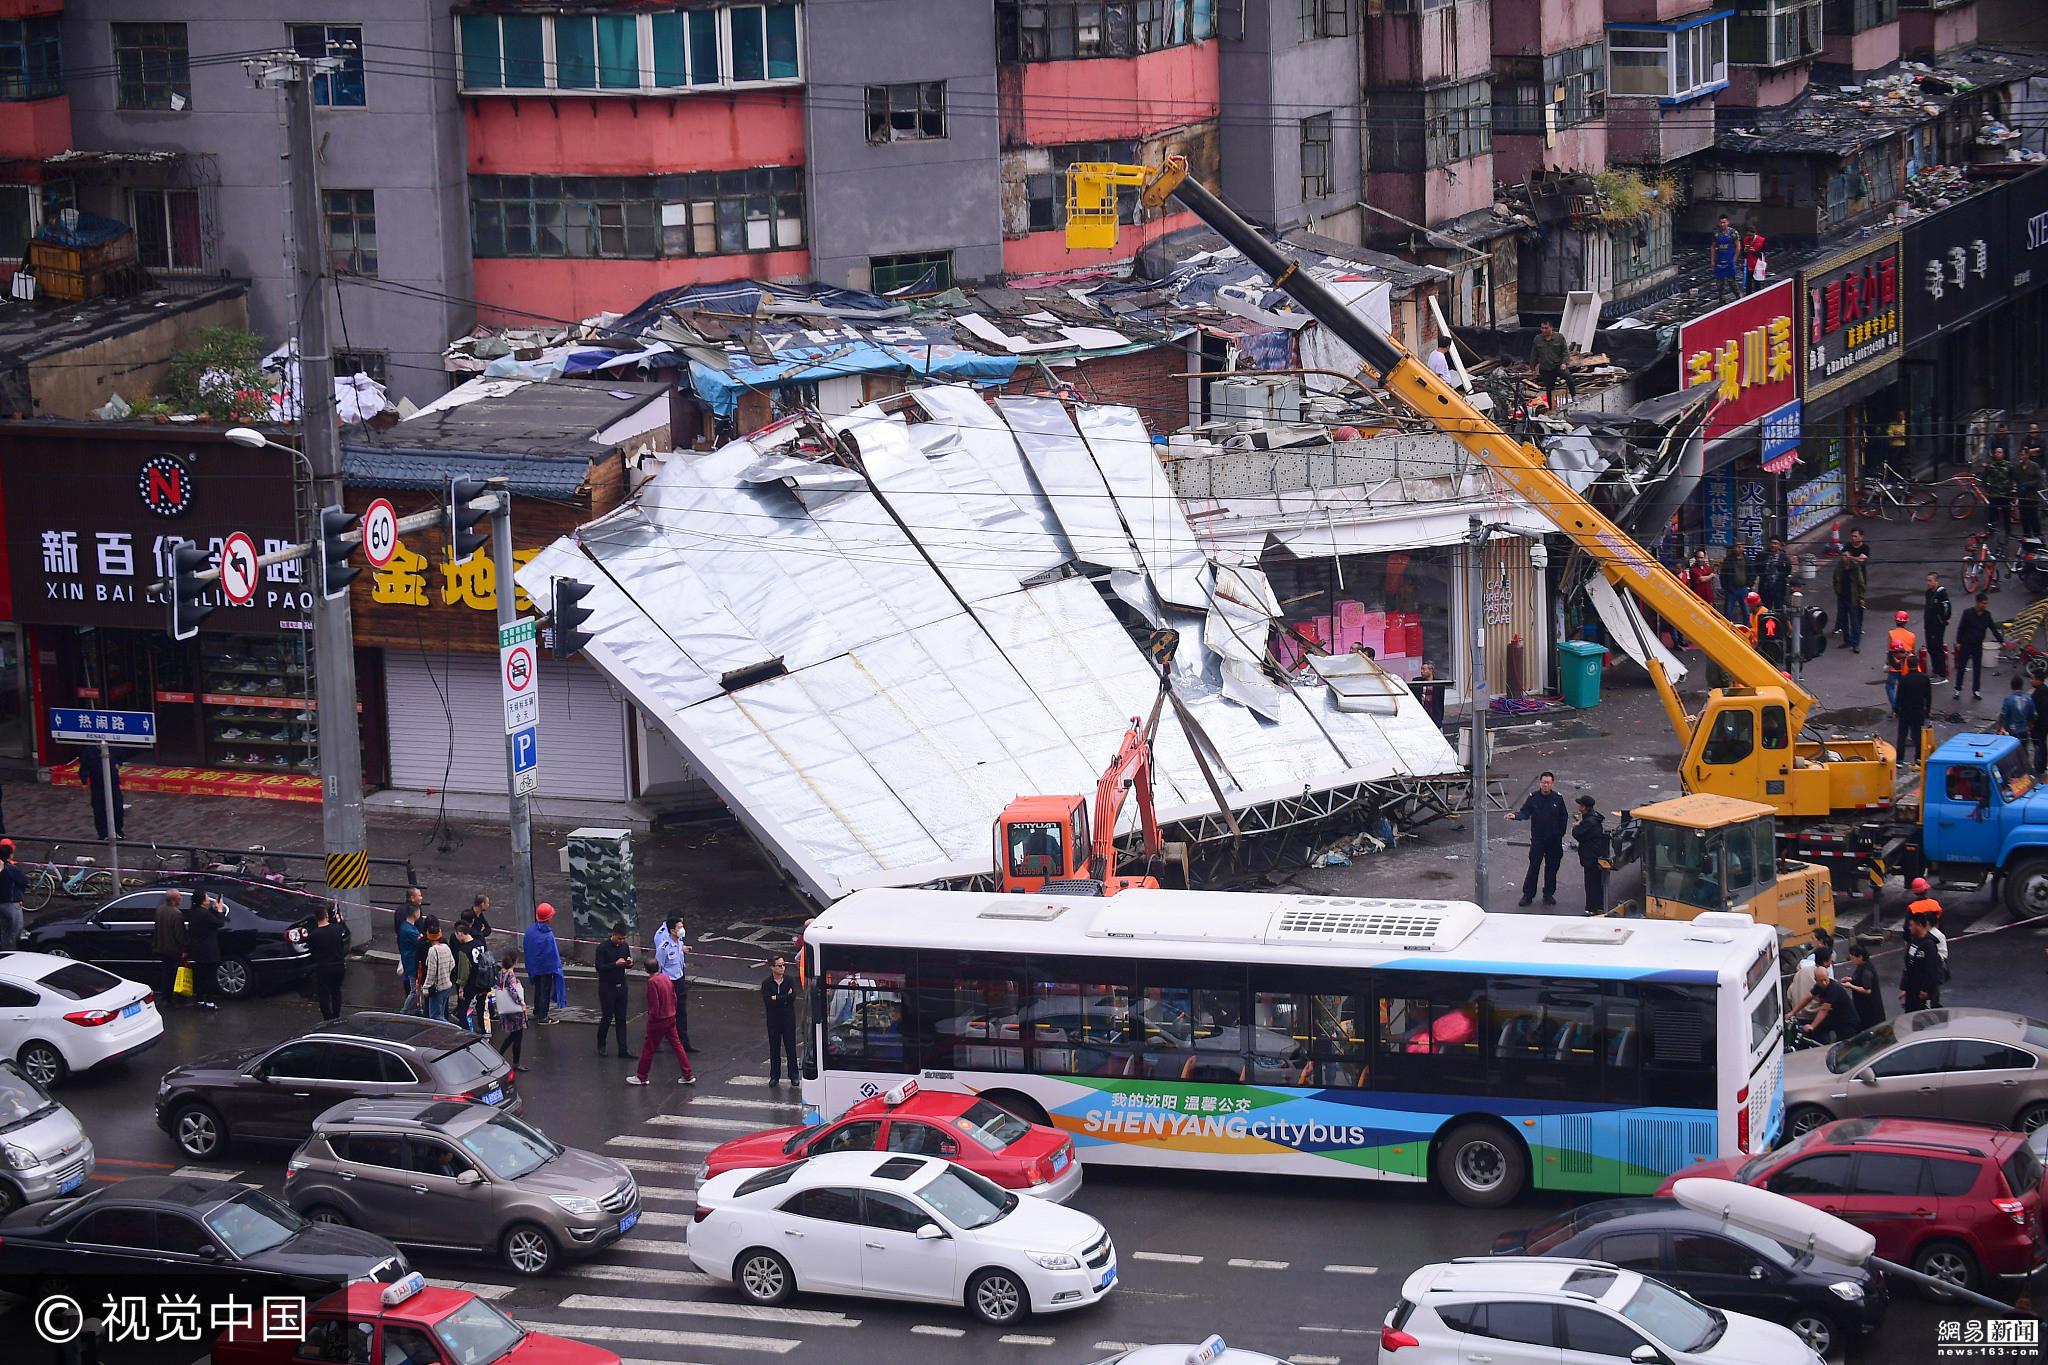 沈阳巨型广告牌被风吹落 砸中机动车